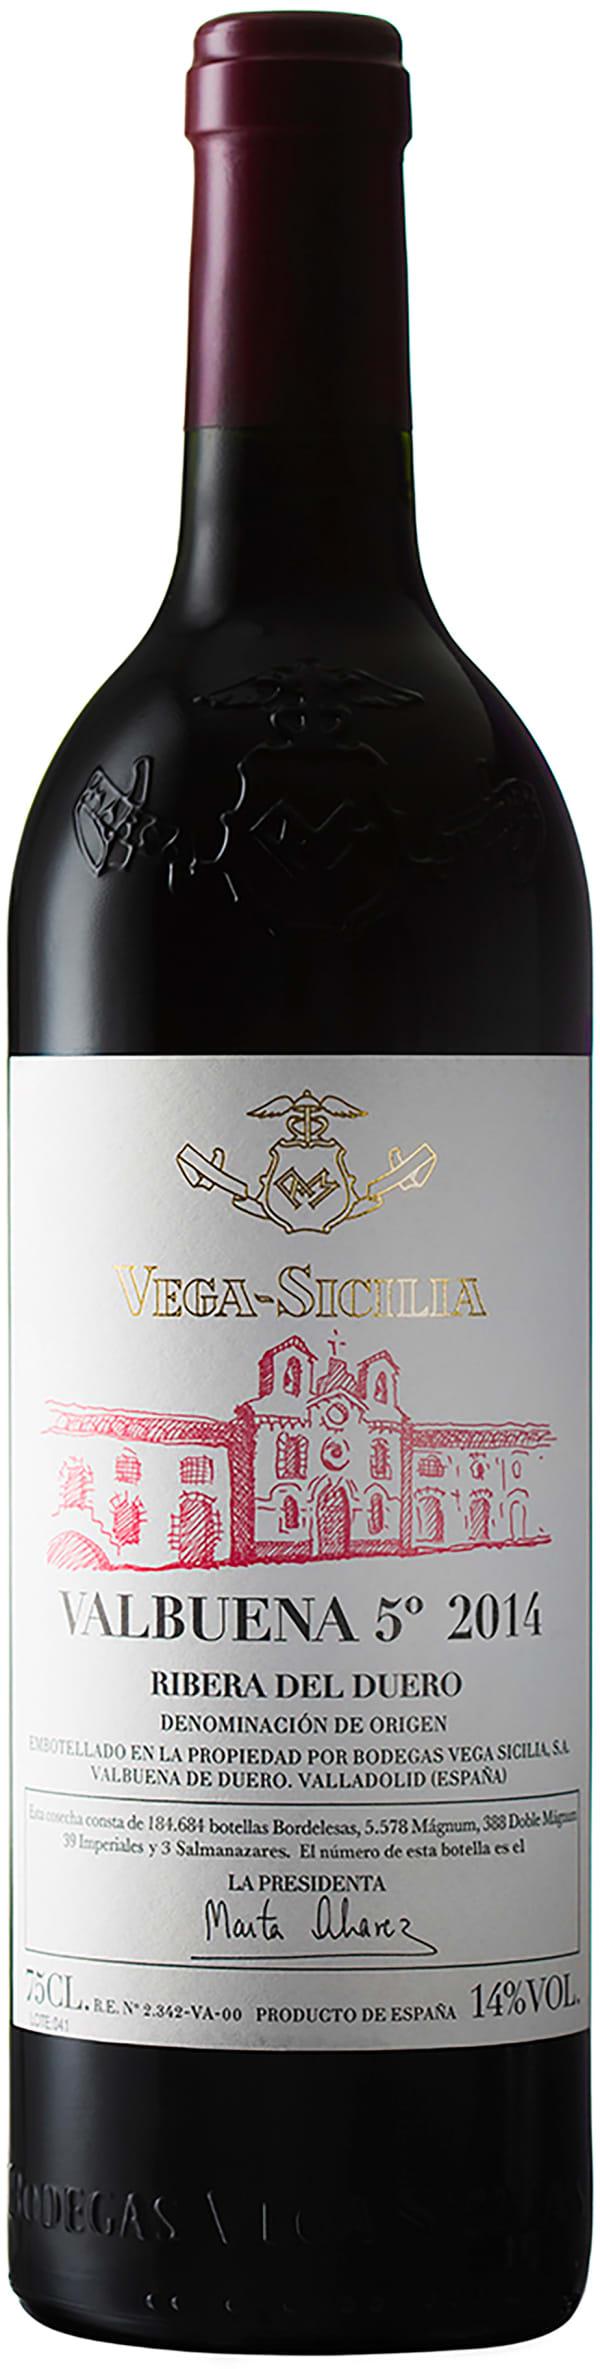 Vega-Sicilia Valbuena 5 2014